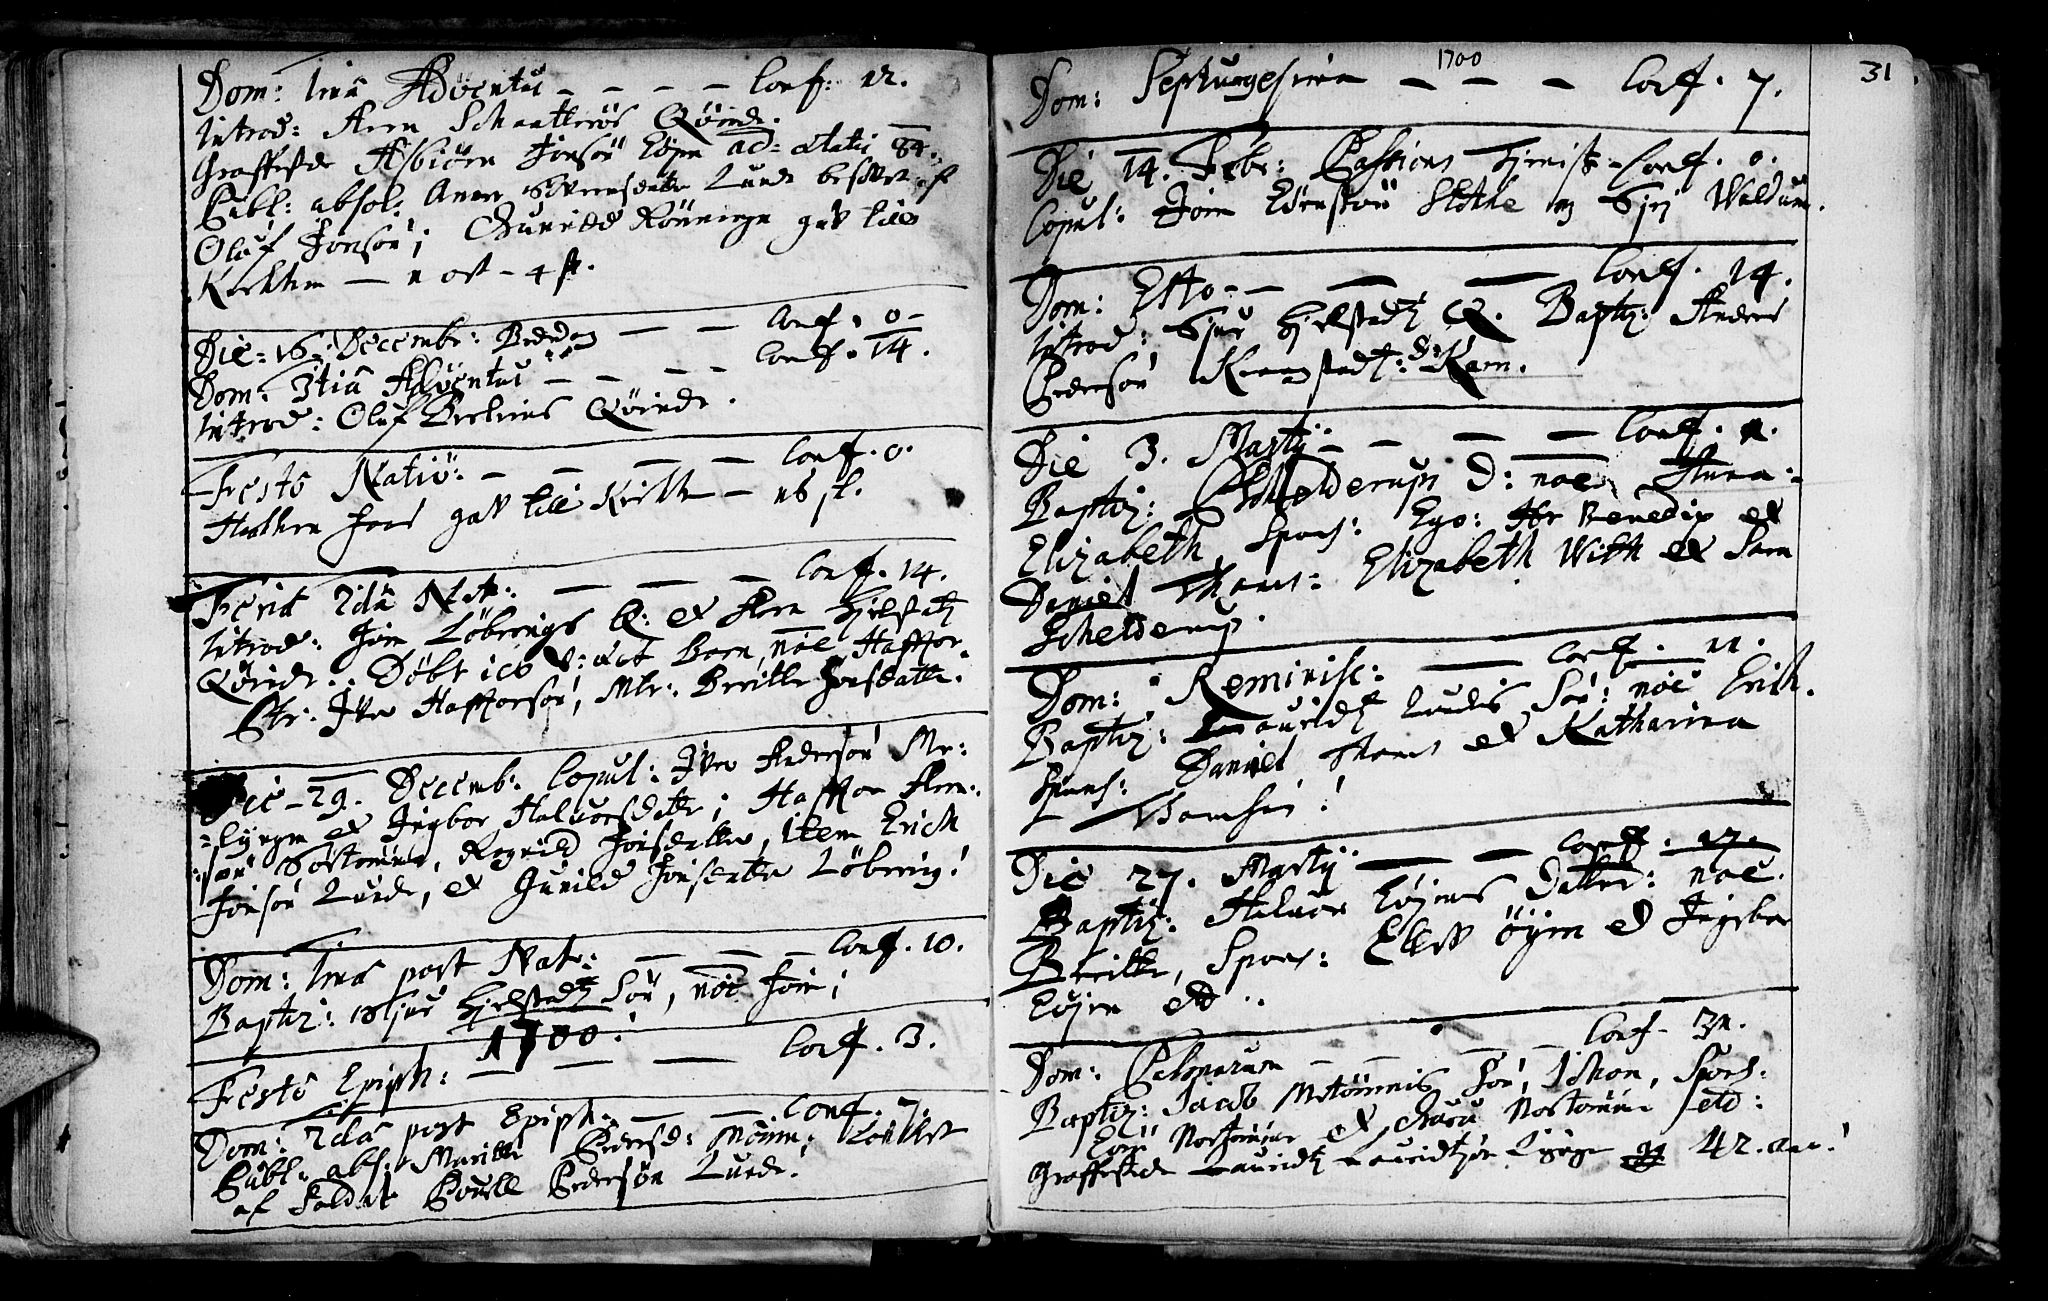 SAT, Ministerialprotokoller, klokkerbøker og fødselsregistre - Sør-Trøndelag, 692/L1101: Ministerialbok nr. 692A01, 1690-1746, s. 31